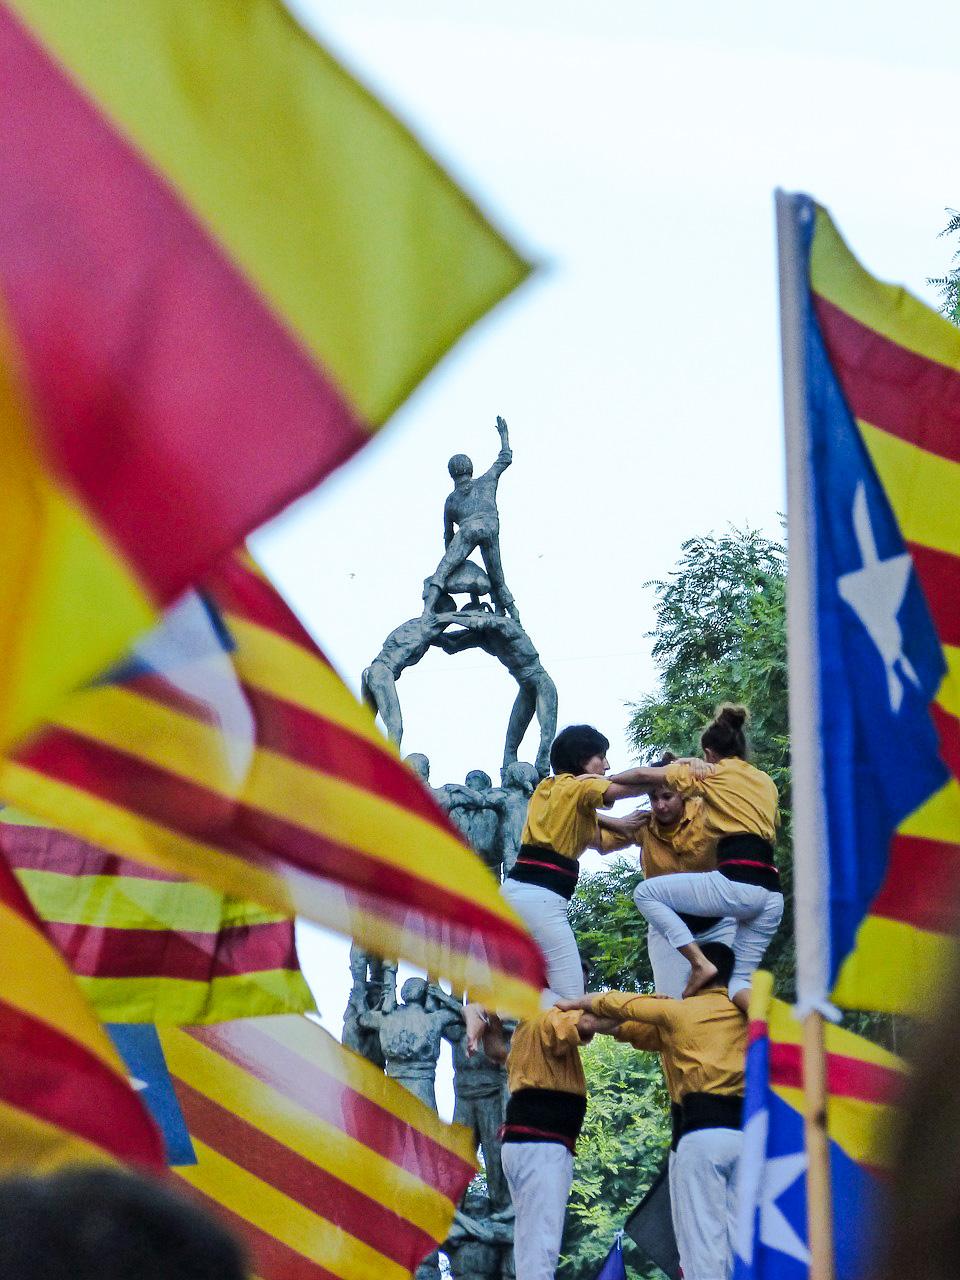 15 faktów i ciekawostek o Hiszpanii - Castells, czyli wieże z ludzi - Kate Traveller - Blog Podróżniczy